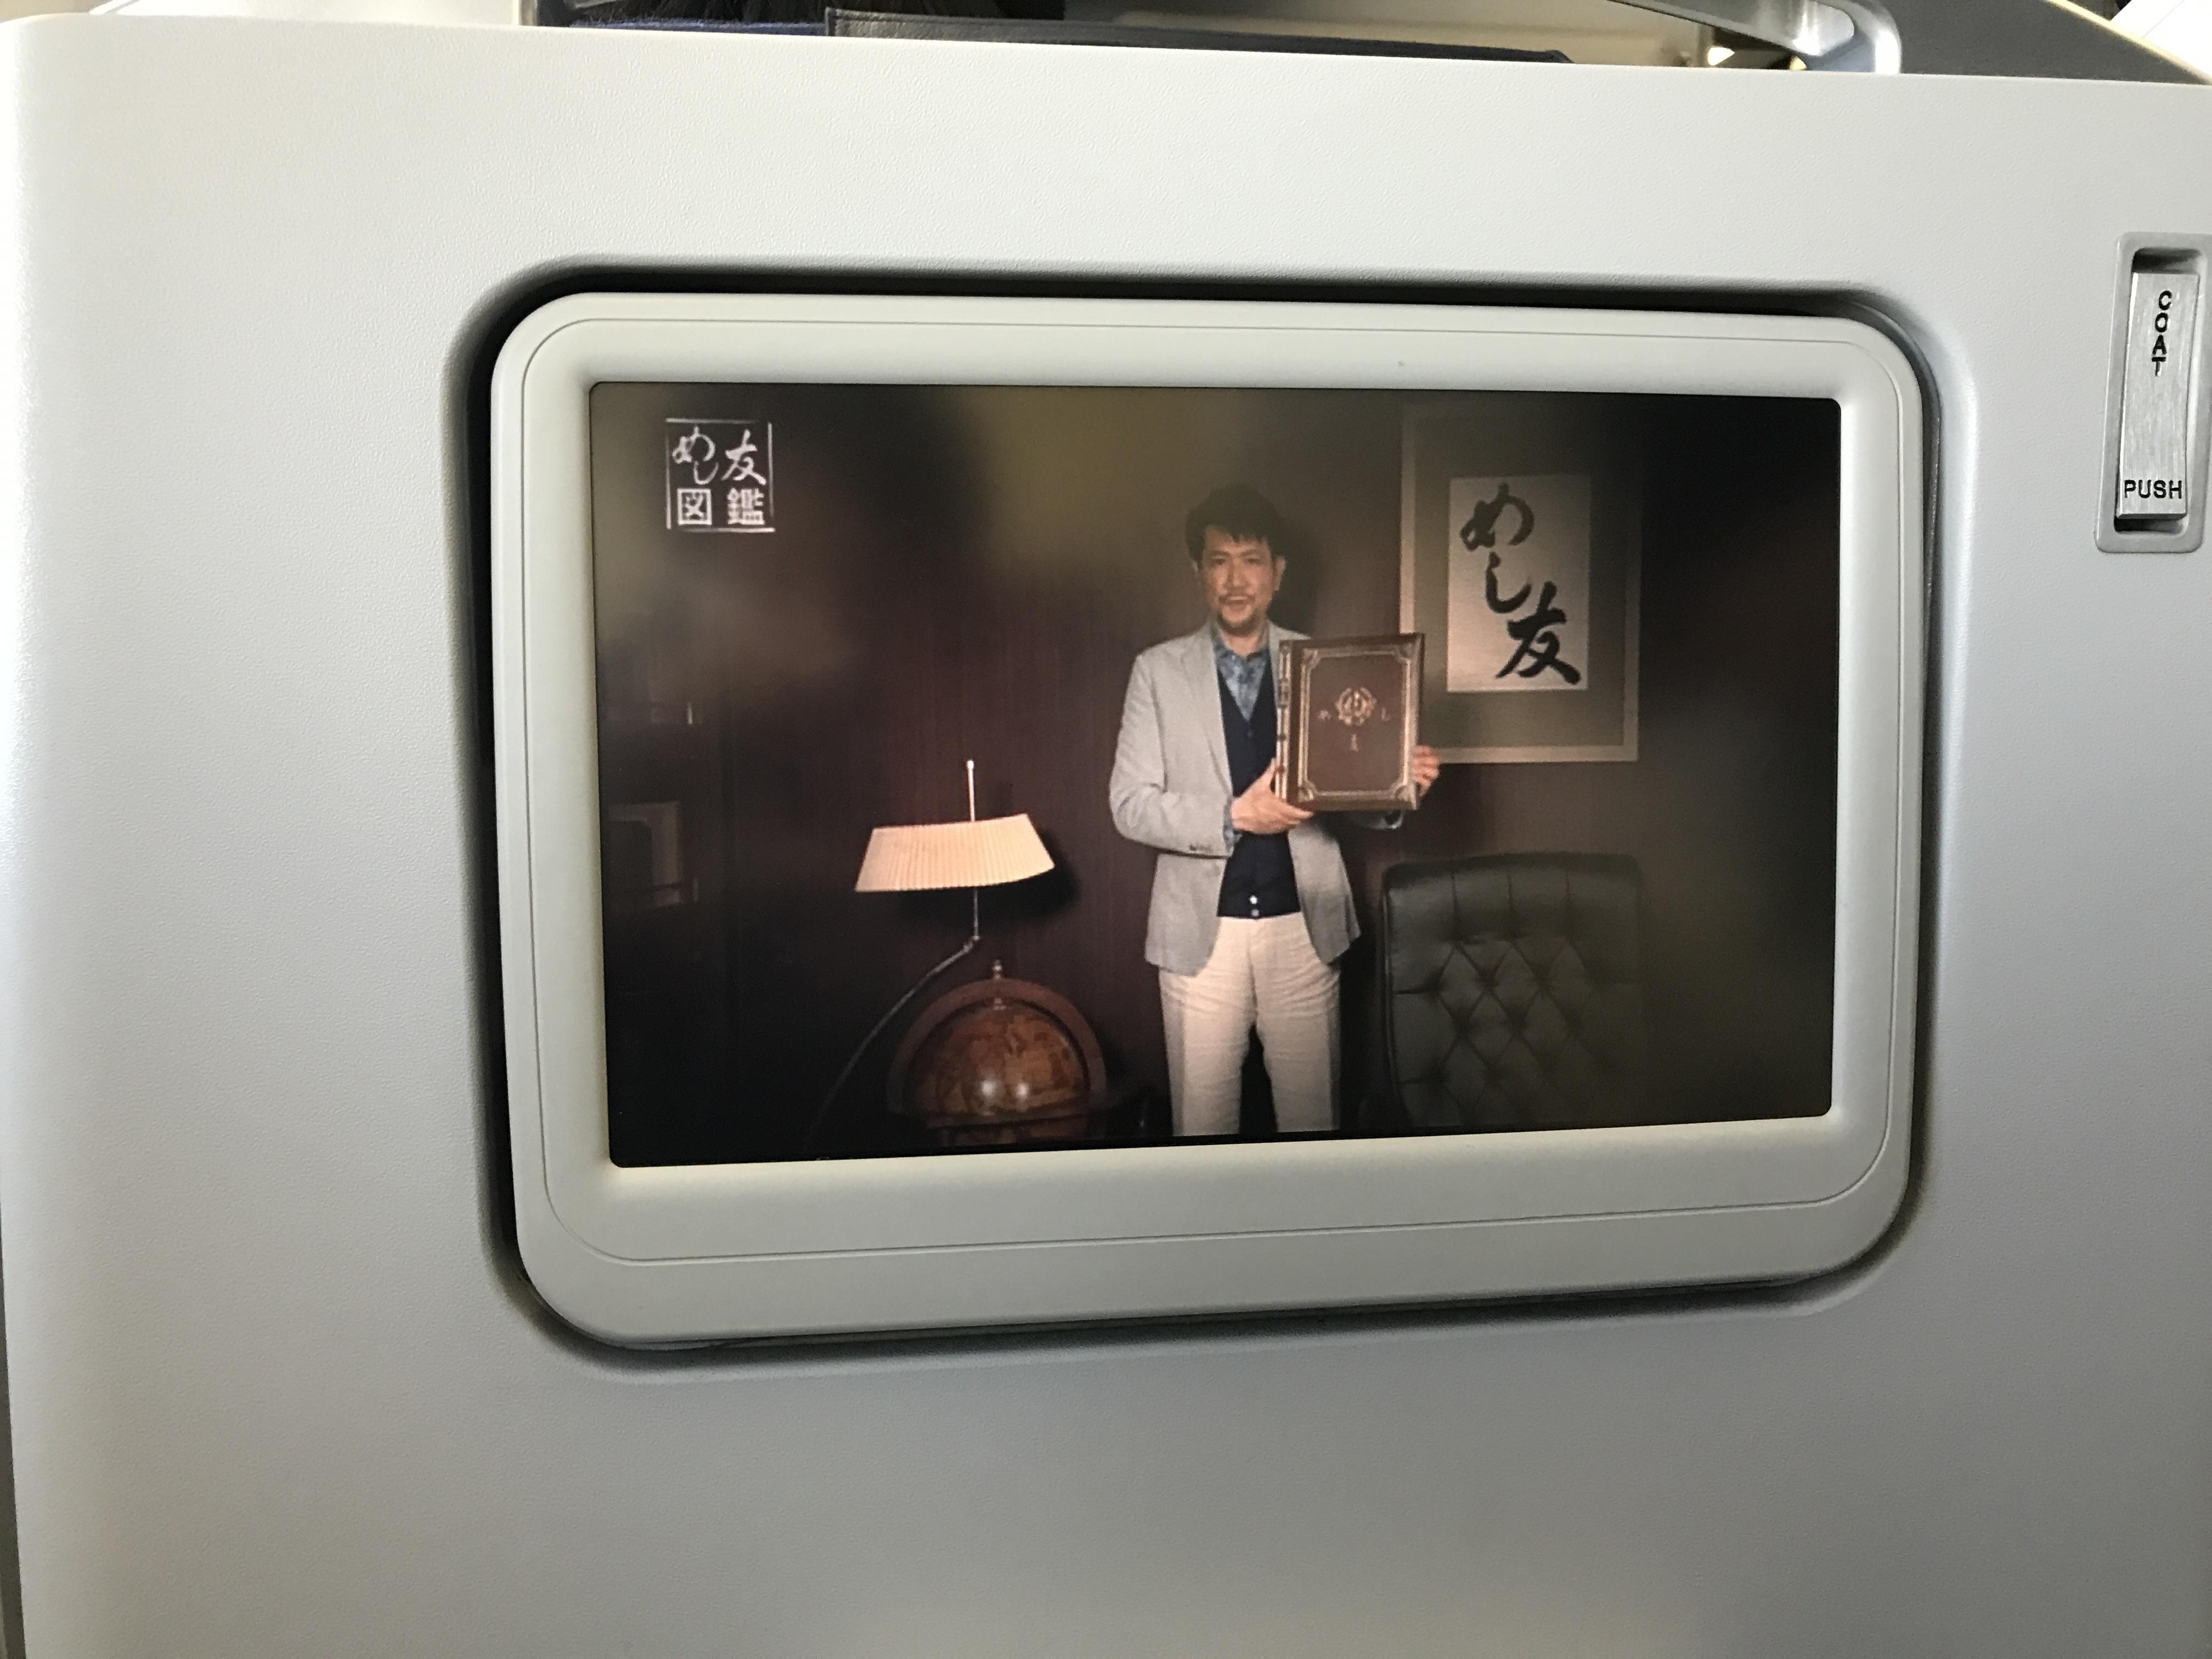 東京→広島便で乗ったB787の国内線プレミアムクラスは、ANA BUSINESS CRADLEで個人用シートモニターがついていた!